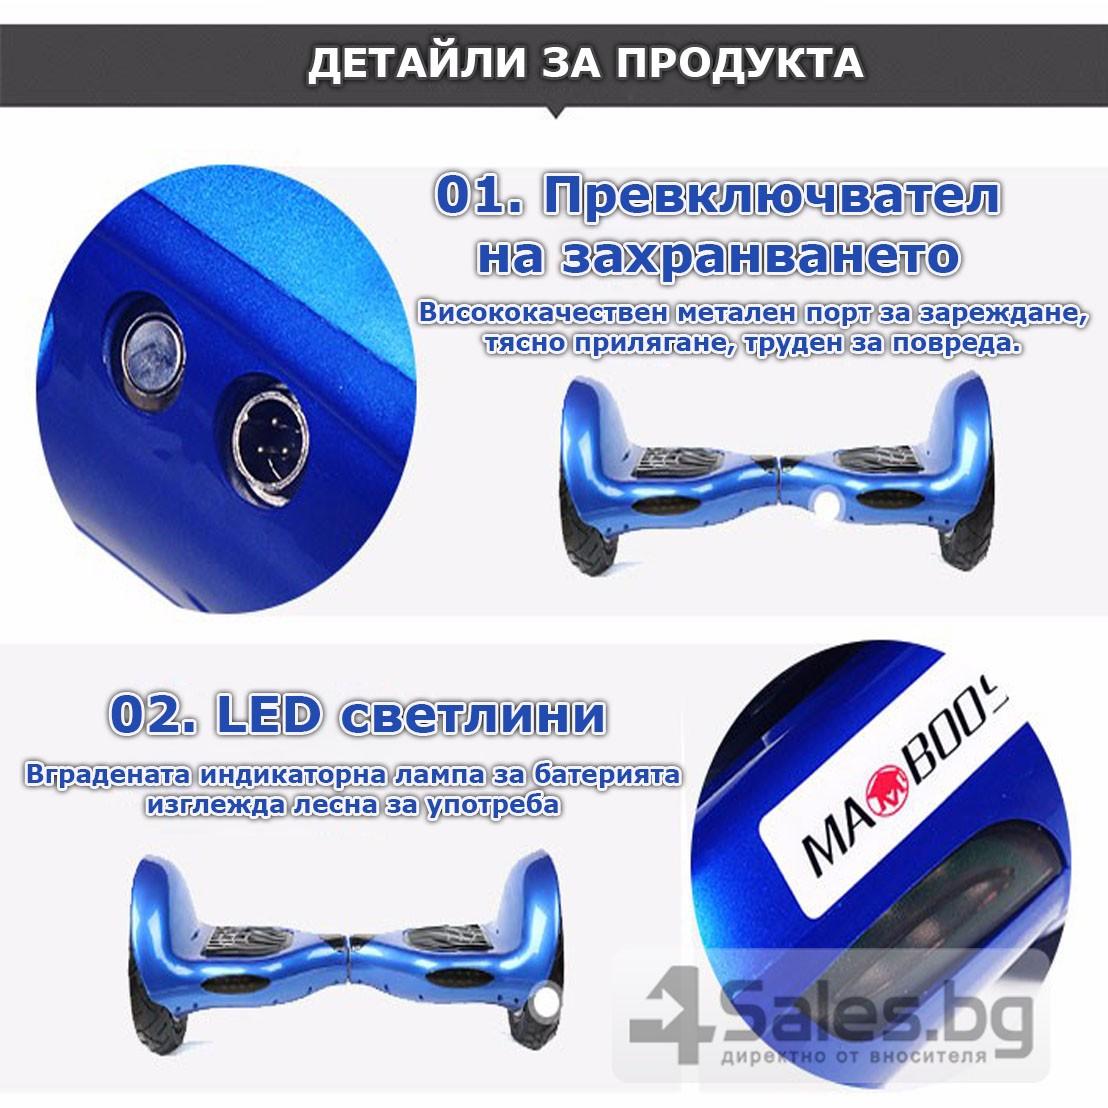 Електрически скутер с LED светлини 6.5 инча гуми 250 W 29